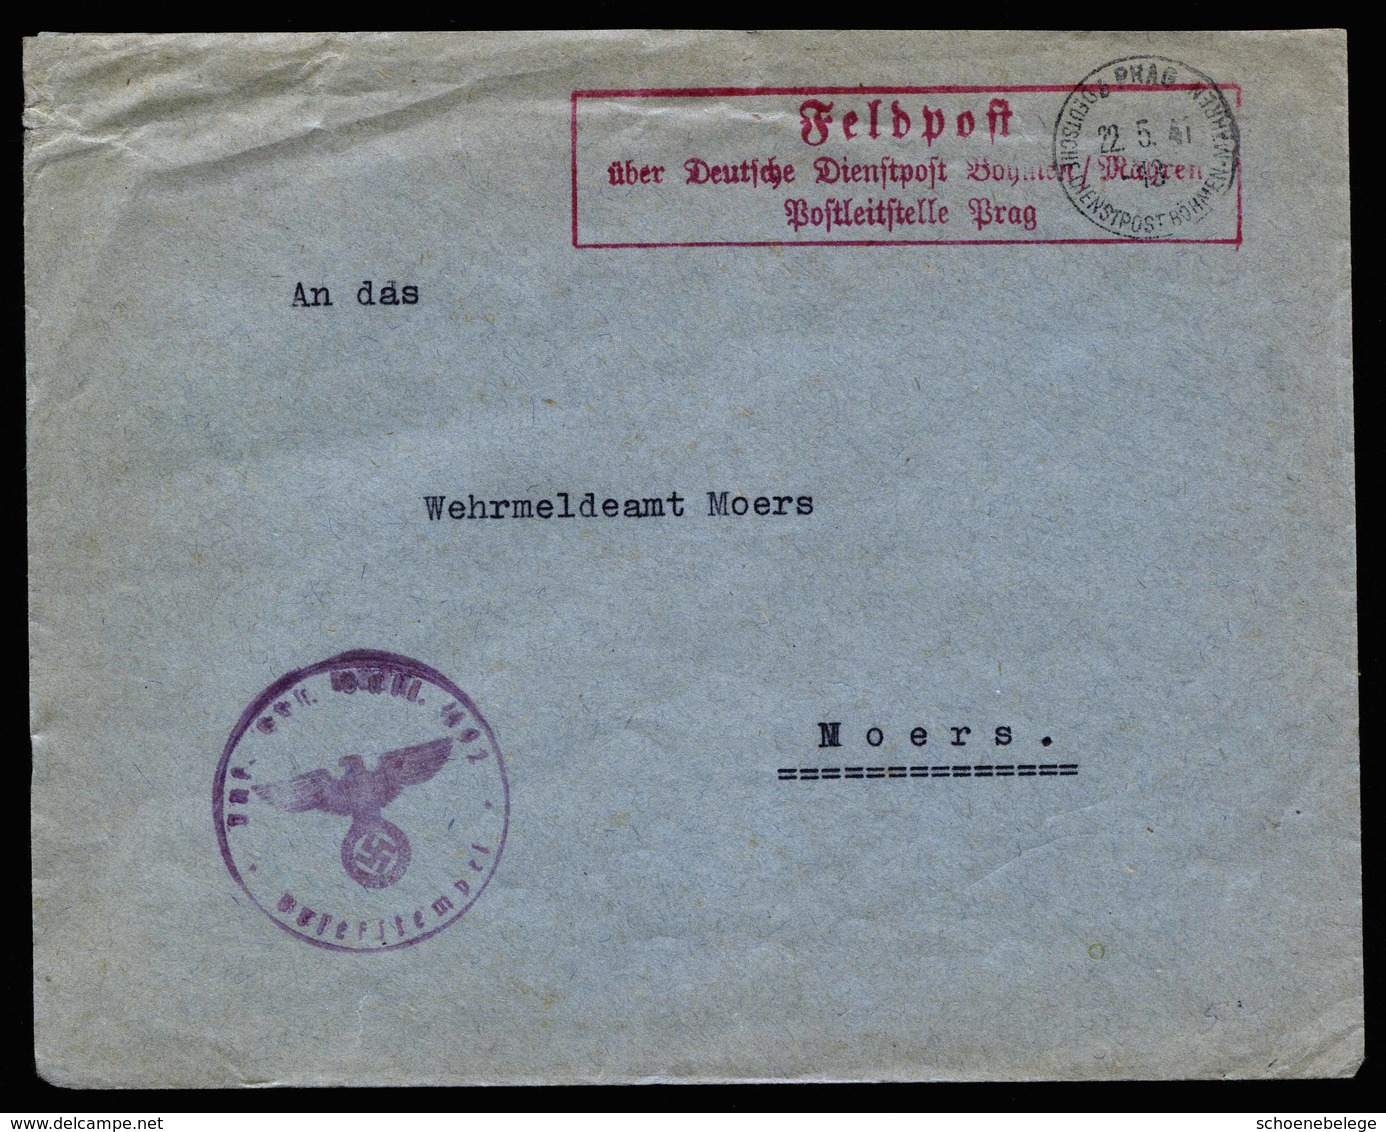 A5783) Böhmen & Mähren Feldpostbrief Prag 22.05.41 N. Moers - Deutschland